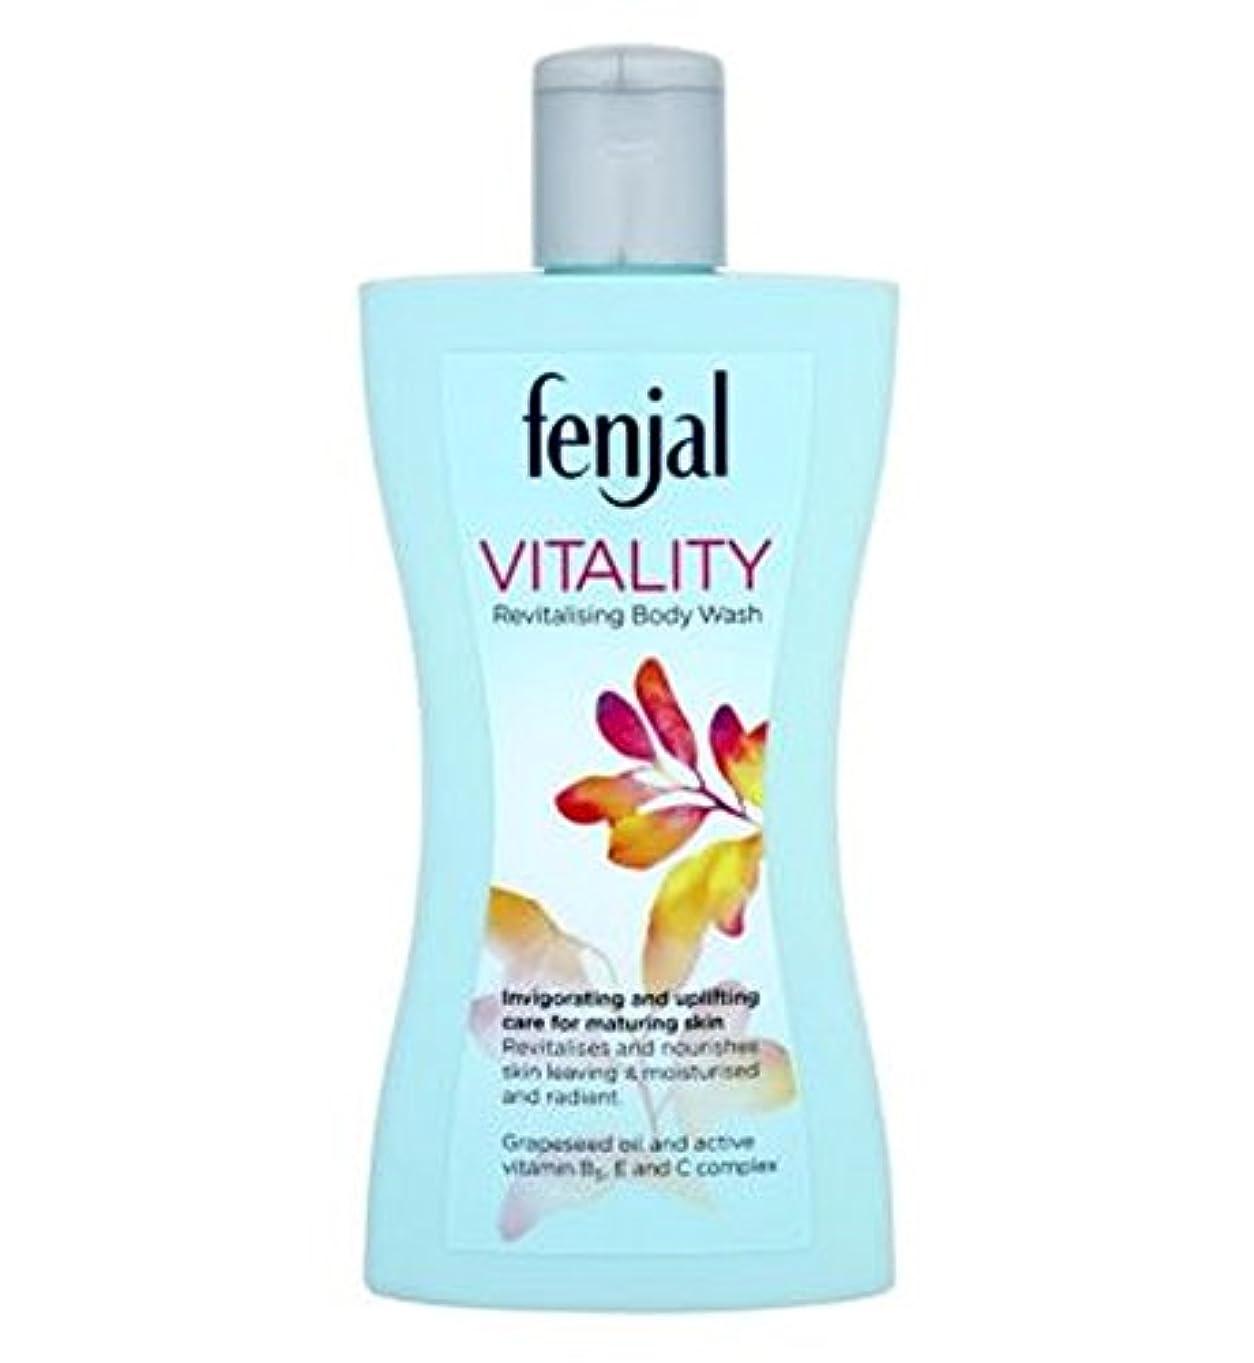 仕方辞任する煩わしいFenjal Vitality revitalising Body Wash - Fenjal活力活性化ボディウォッシュ (Fenjal) [並行輸入品]